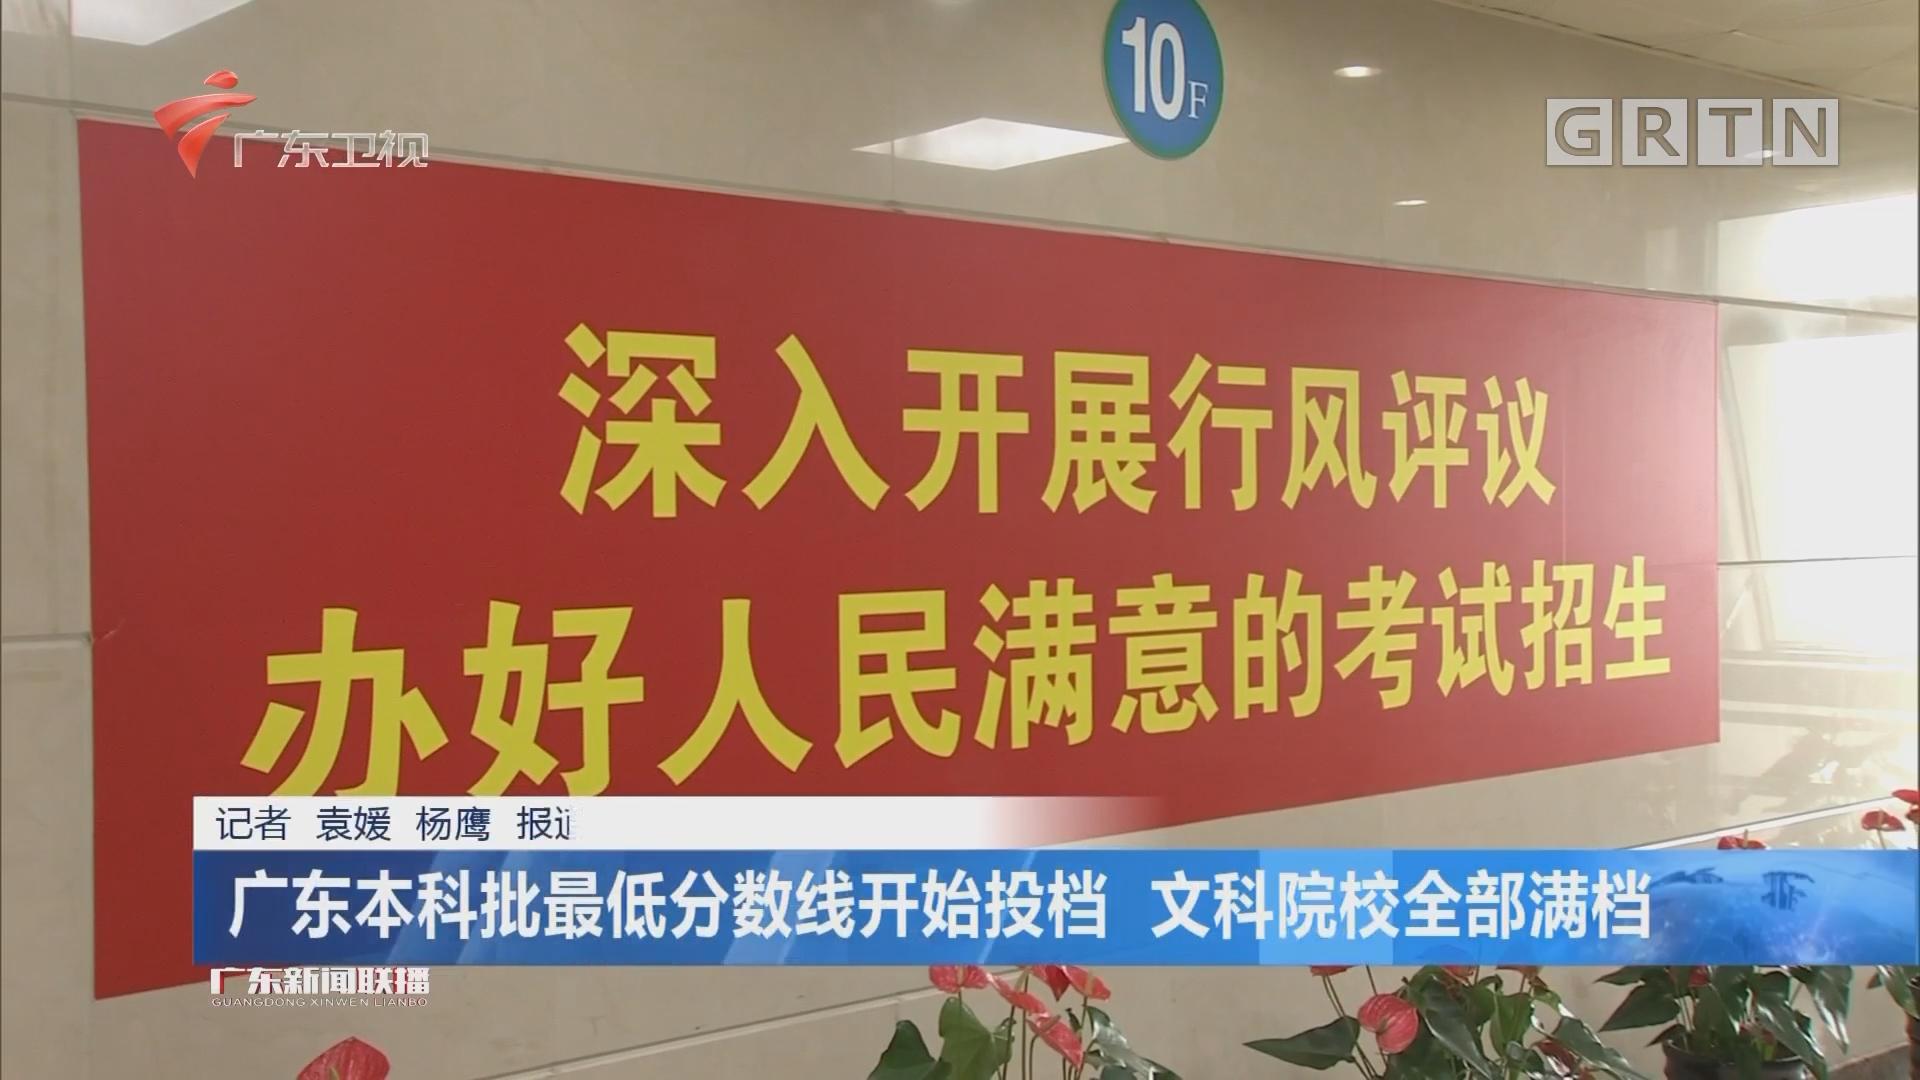 广东本科批最低分数线开始投档 文科院校全部满档